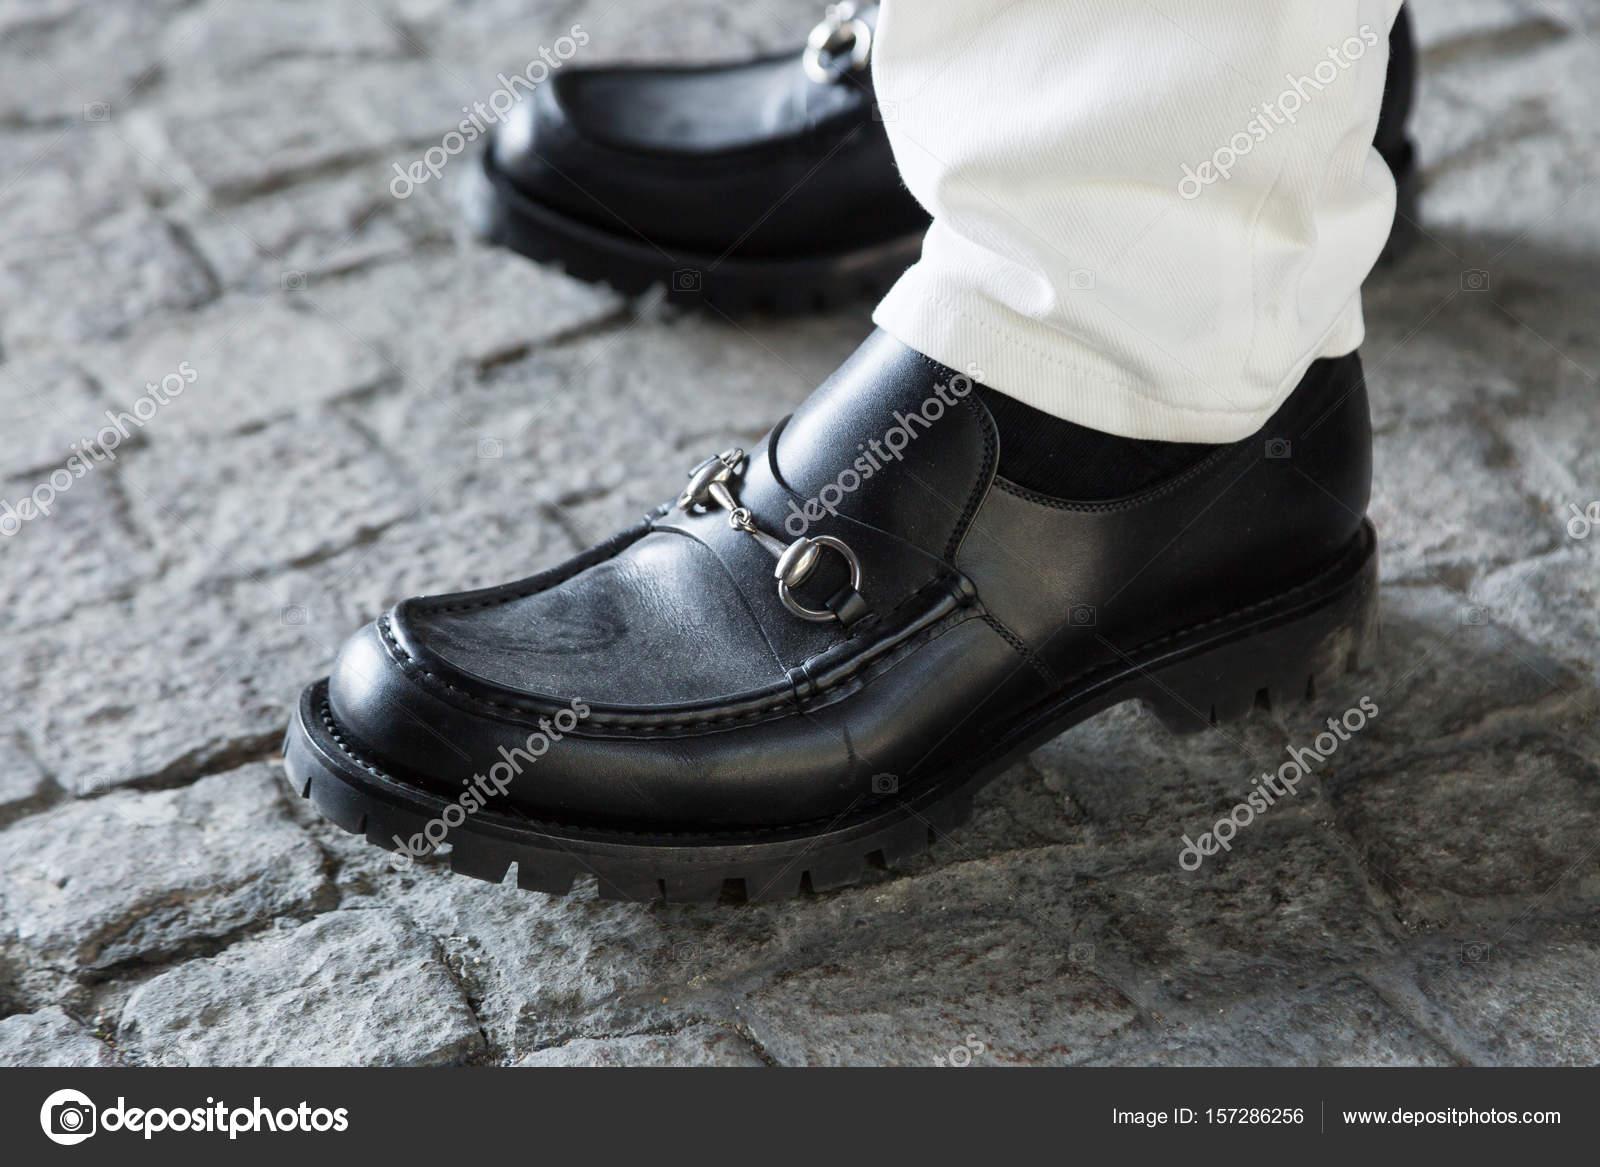 3c768d8d5069d1 Деталь взуття під час тижня моди Мілана чоловіків– Стокова редакційна  фотографія